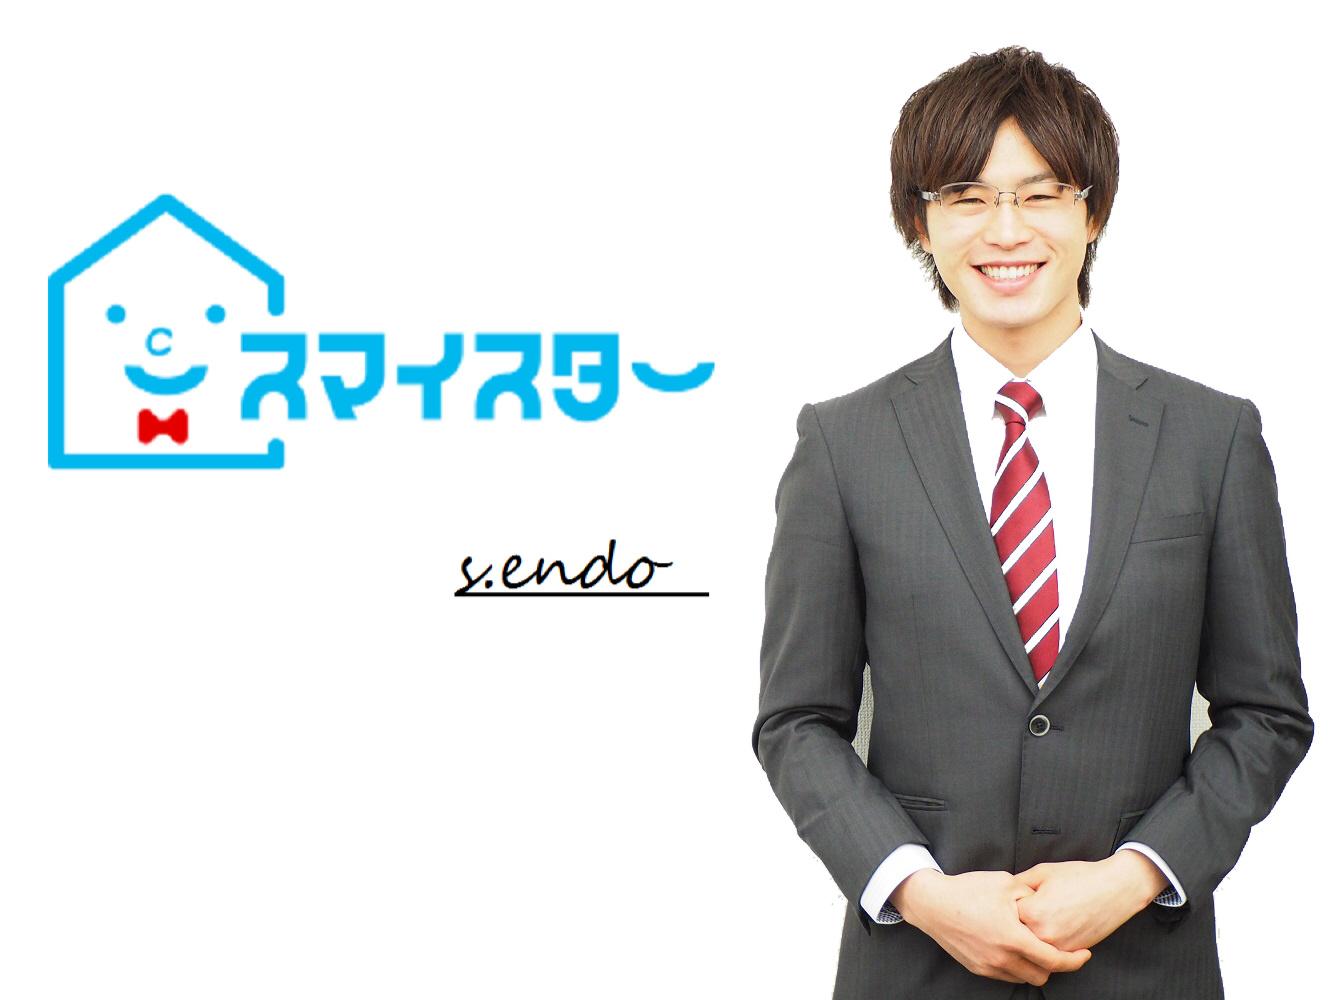 店長:遠藤(エンドウ)の画像